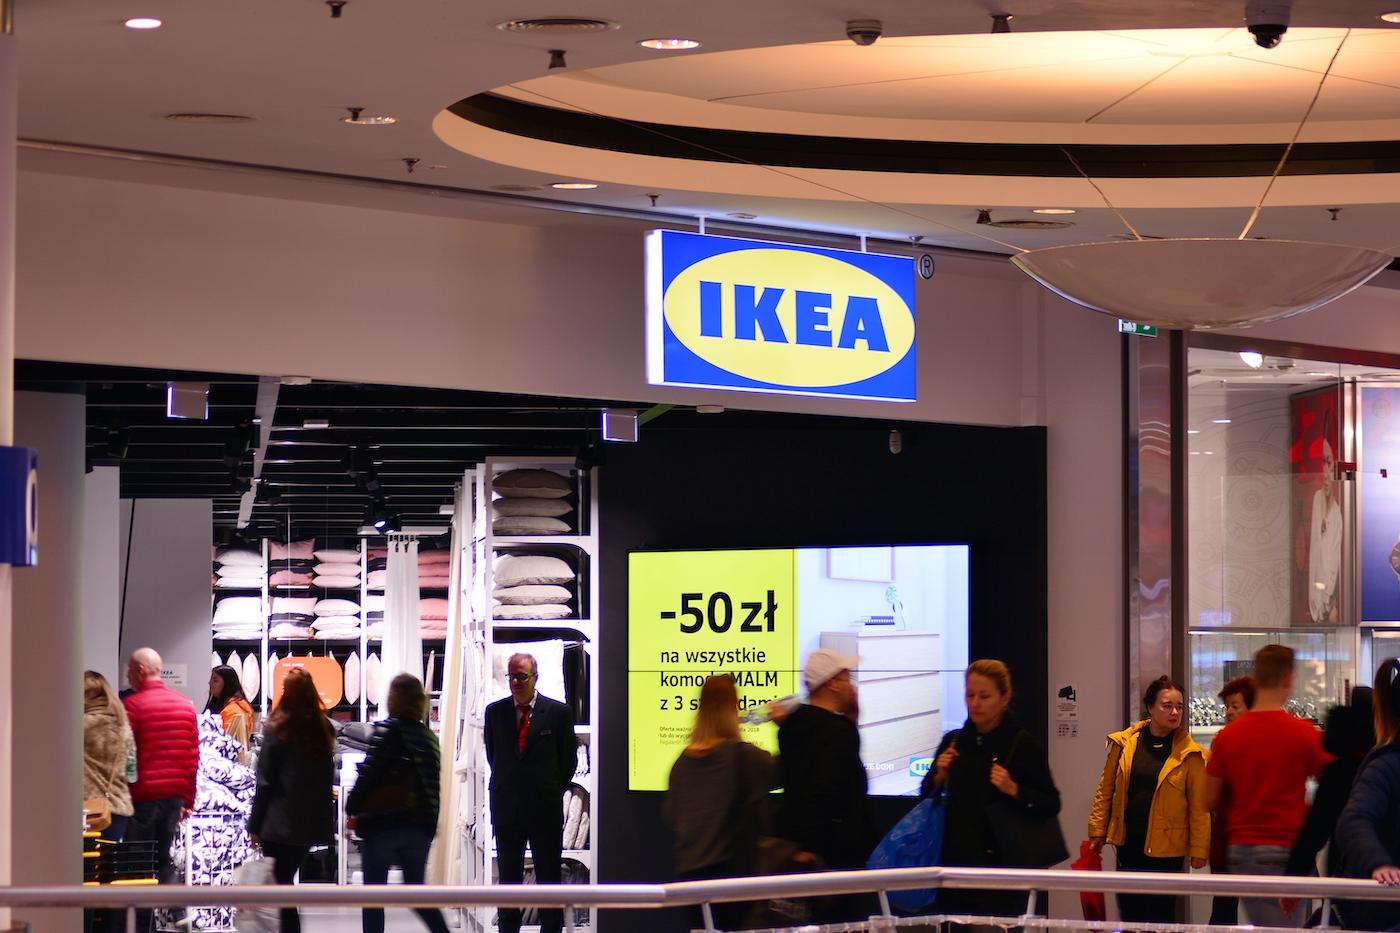 Photo of A lengyel állam beperelte az Ikeát, amiért kirúgták a homofób alkalmazottat